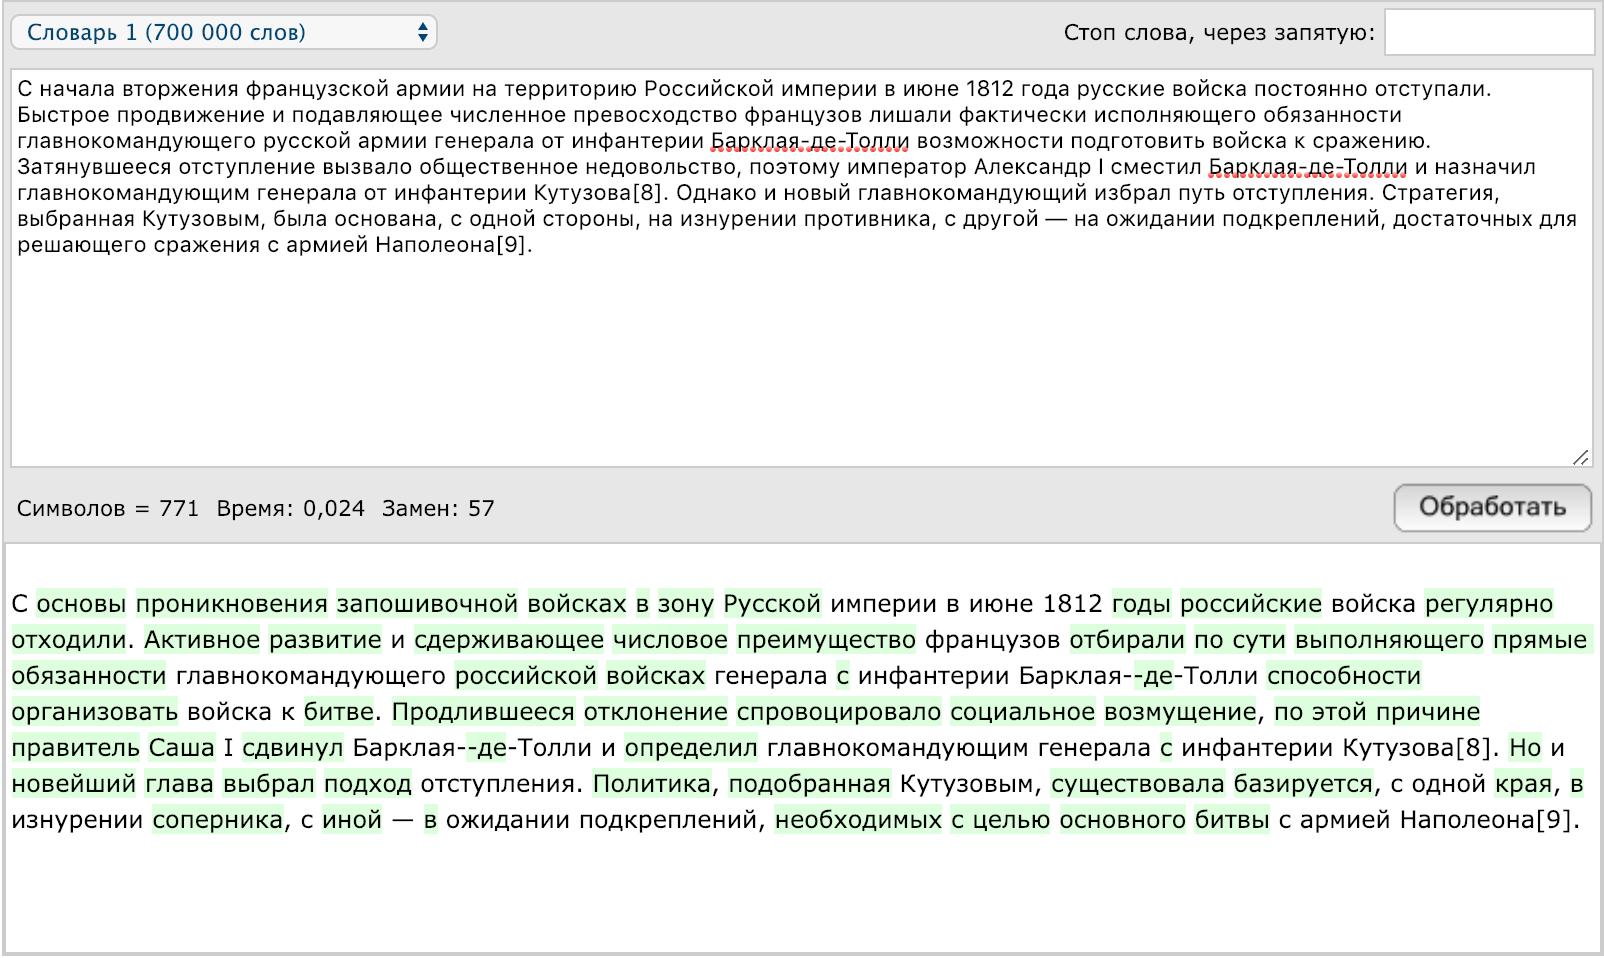 Обработали синонимайзером текст о Бородинском сражении. Преподаватель будет в шоке, когда это прочитает